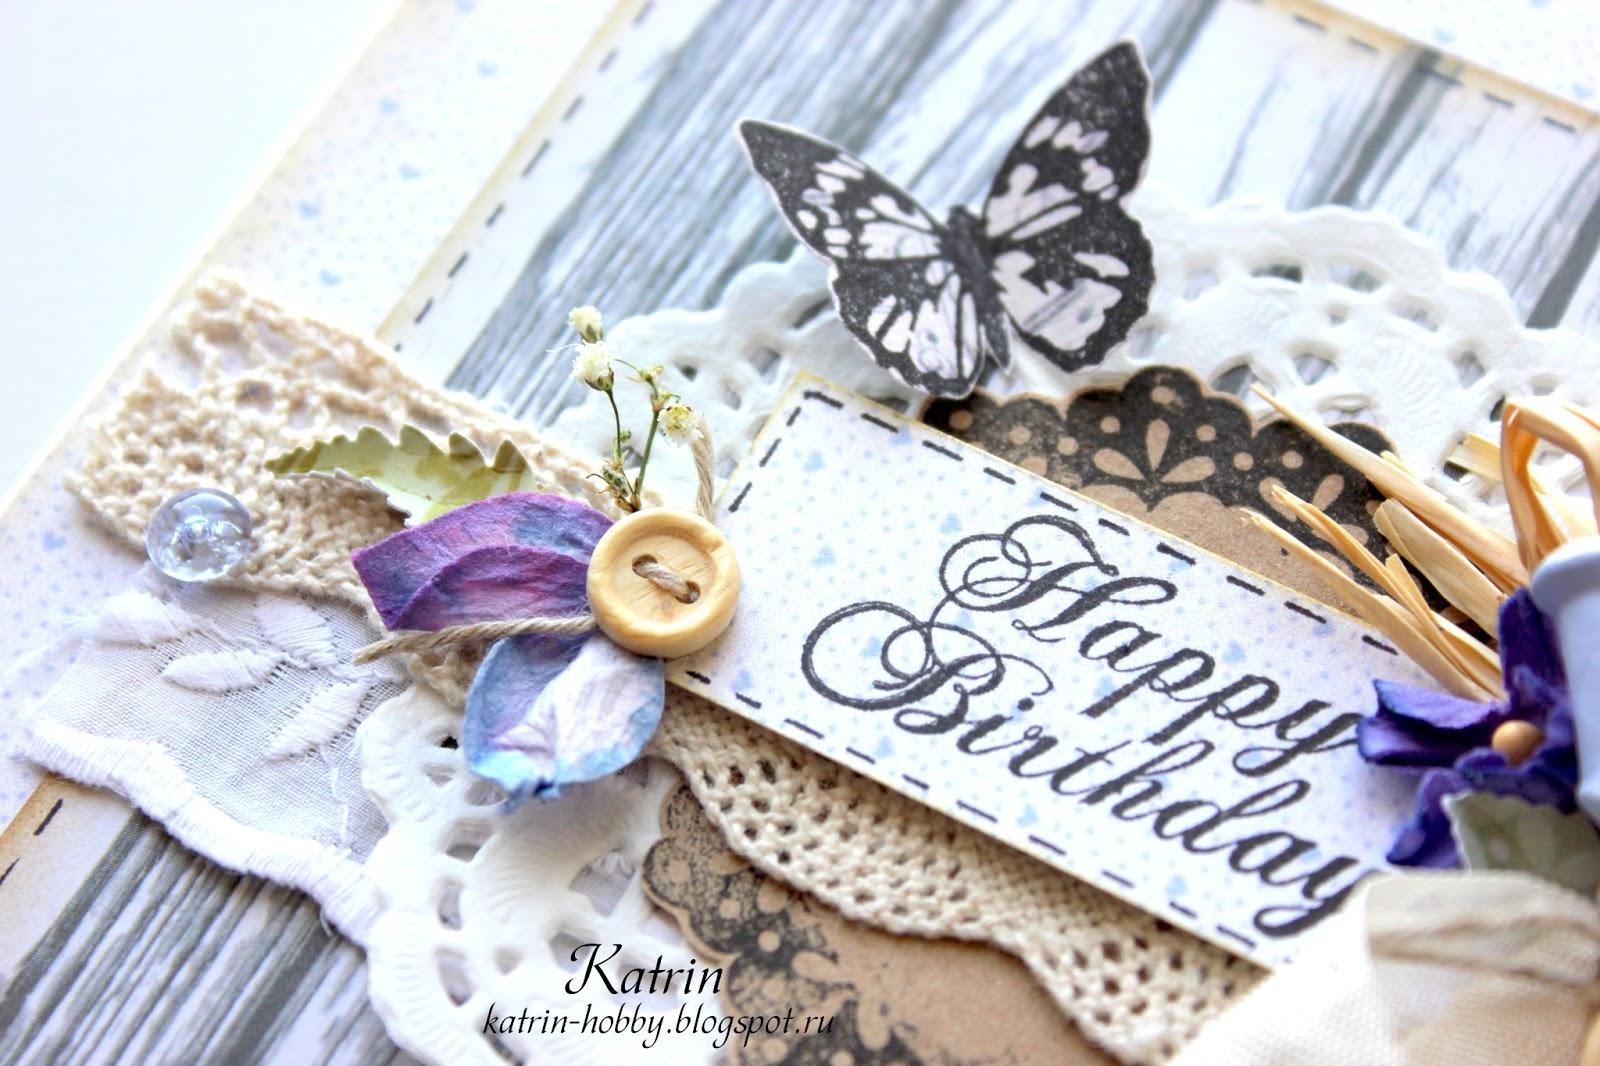 Поздравления с днем рождения в стиле стиляги